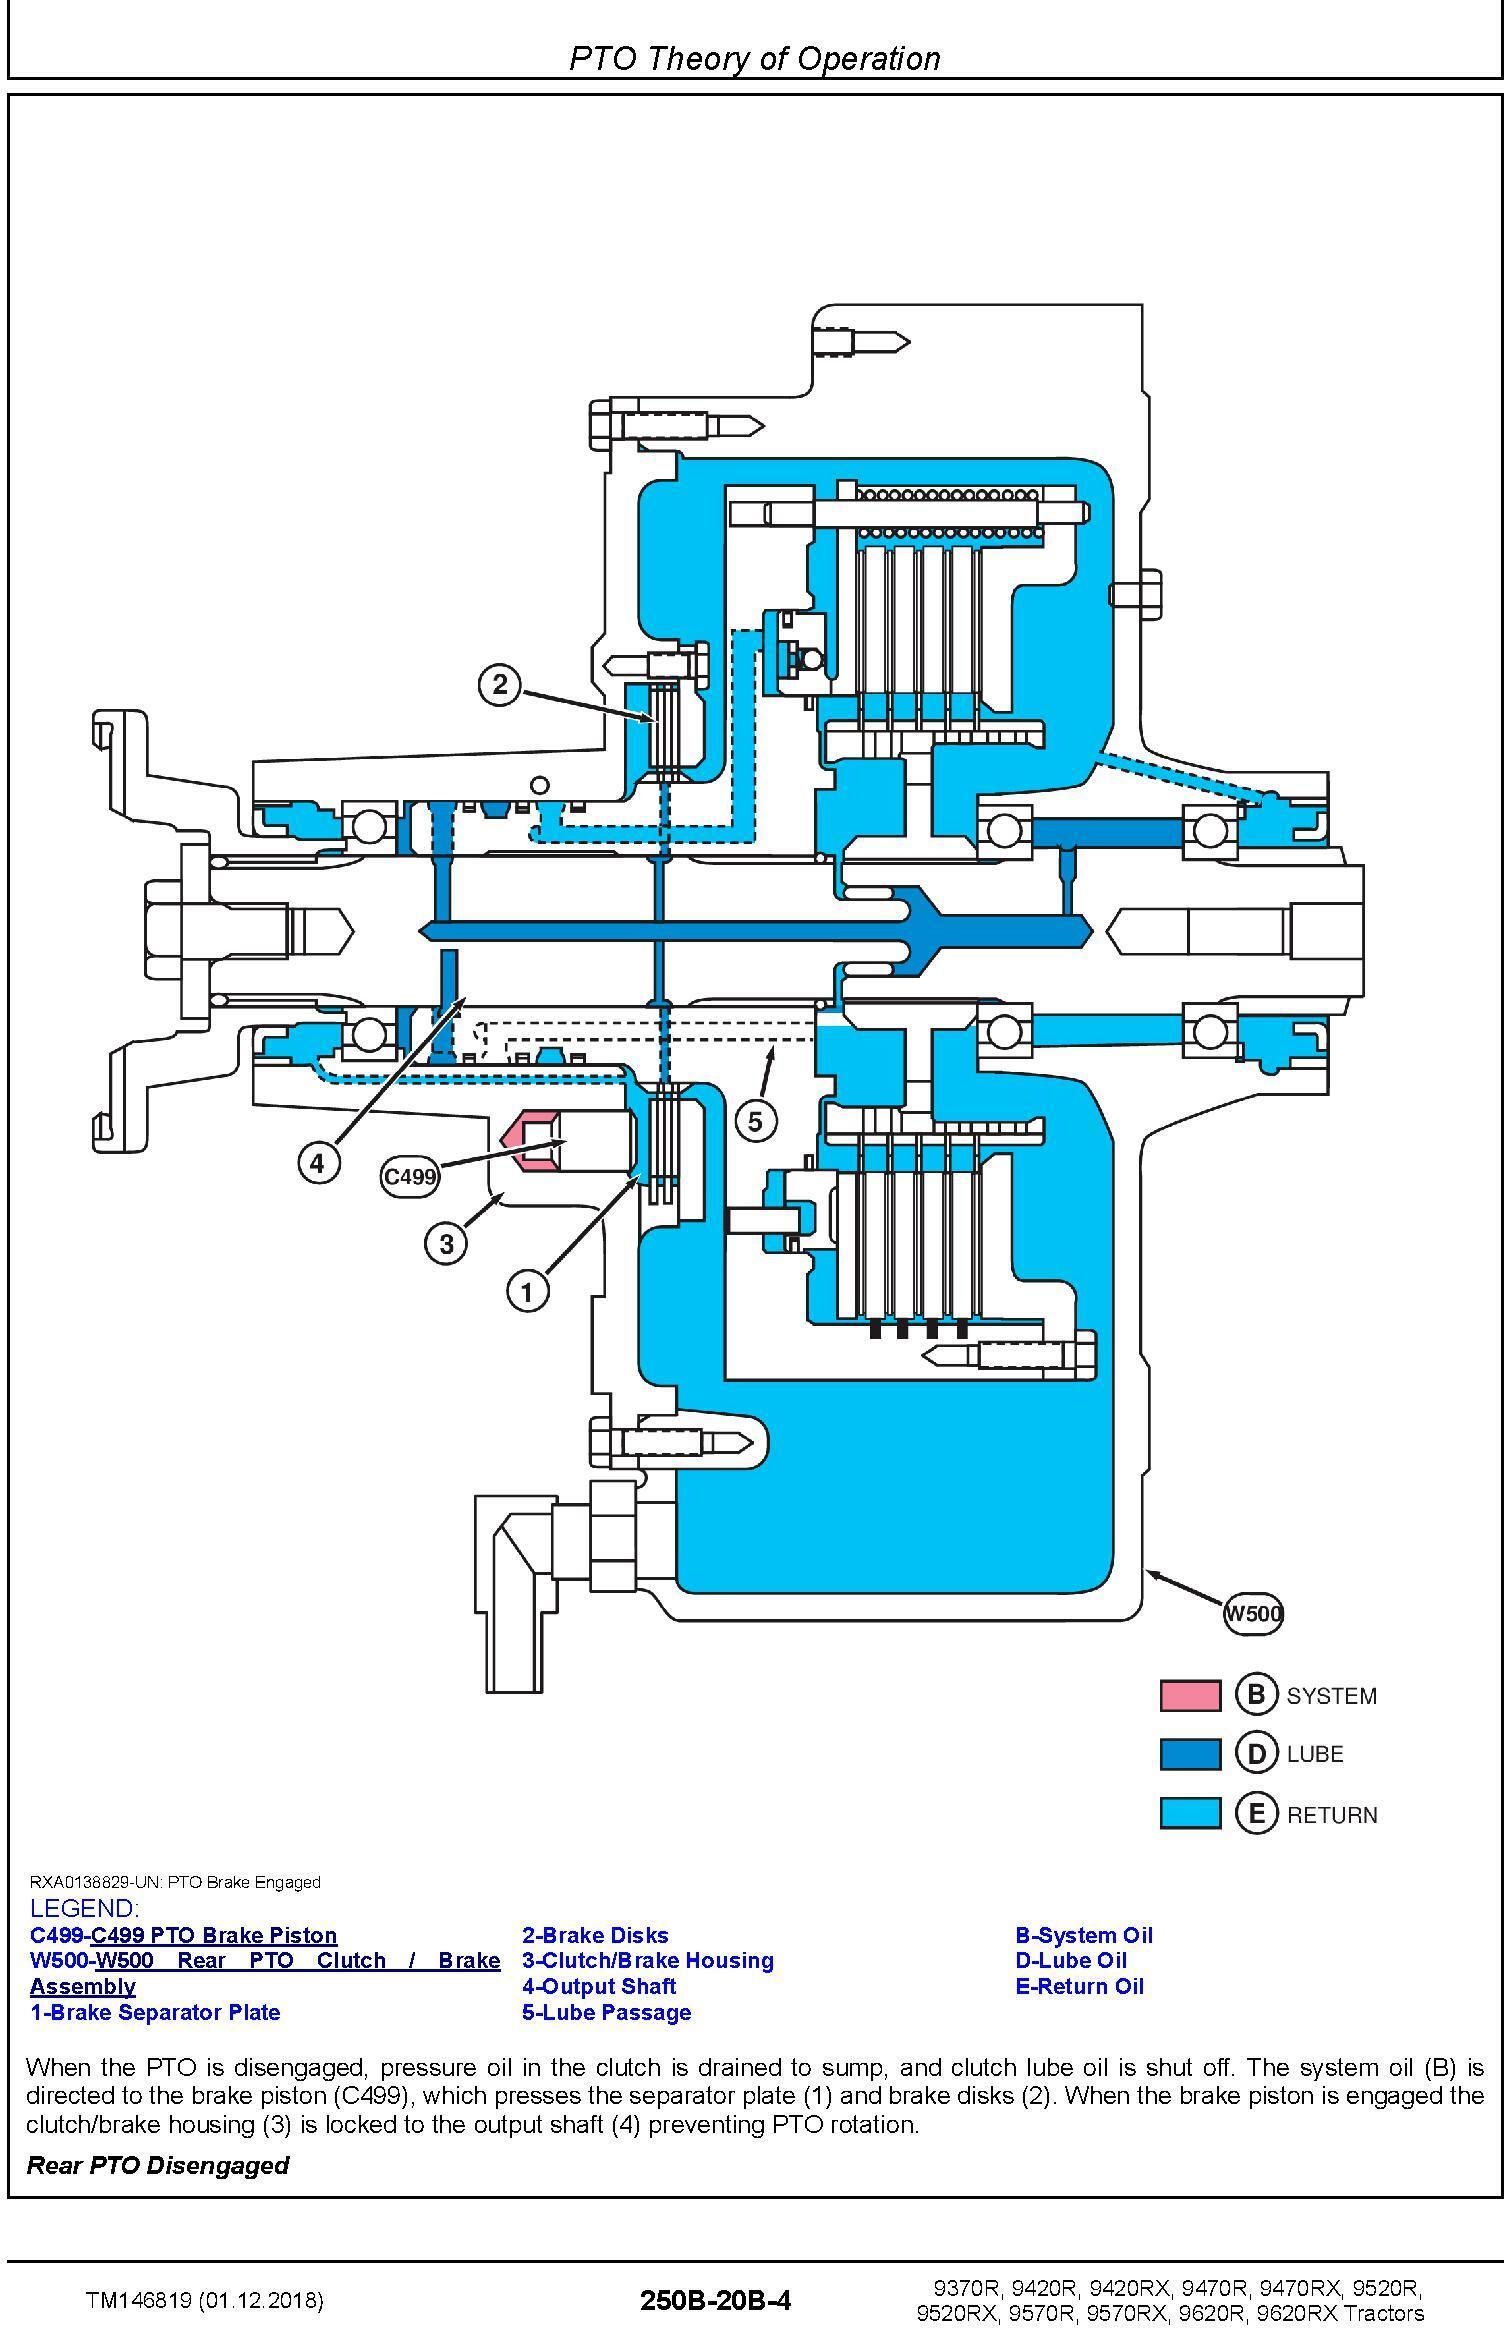 John Deere 9370R 9420R/RX 9470R/RX 9520R/RX 9570R/RX 9620R/RX Tractors Diagnostic Manual (TM146819) - 3